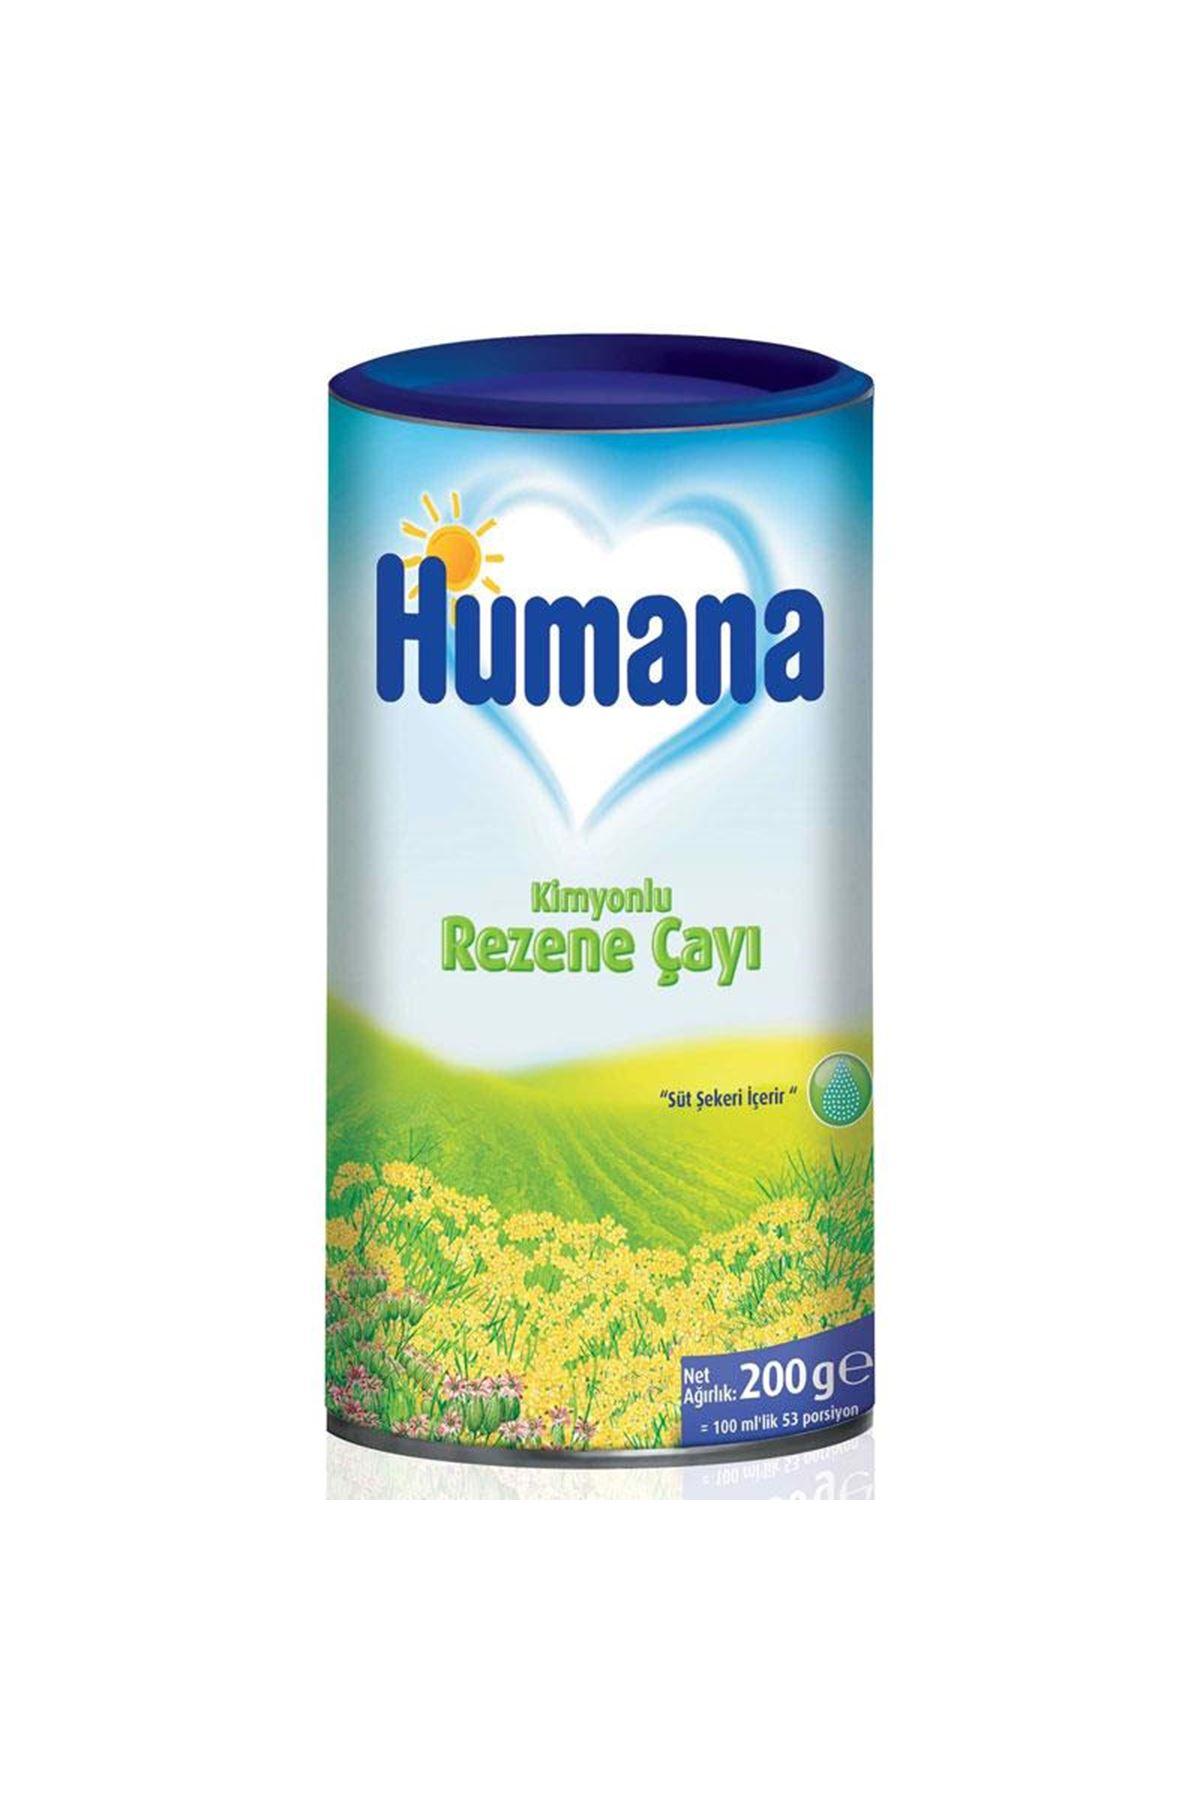 Humana Kimyonlu Rezene Çayı 200 Gr